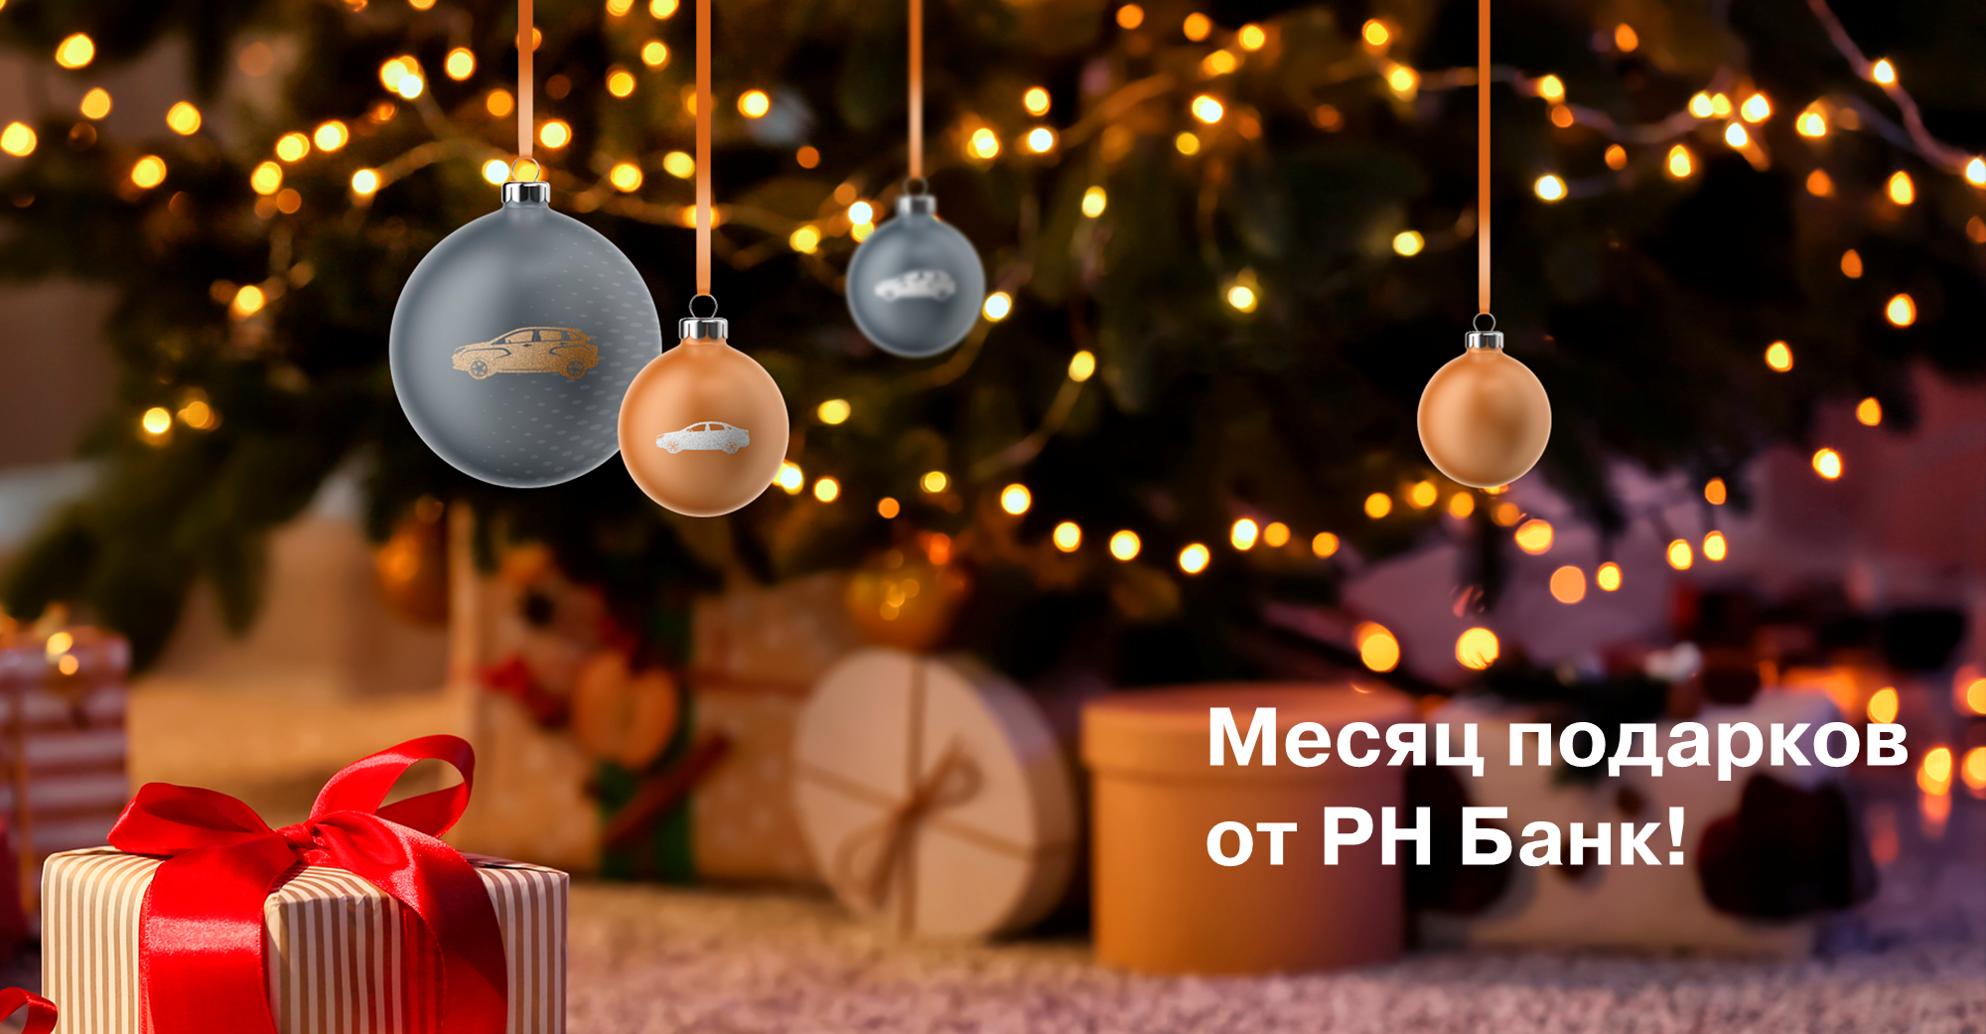 Успейте забрать свои подарки и новогоднее настроение от покупки автомобиля LADA!